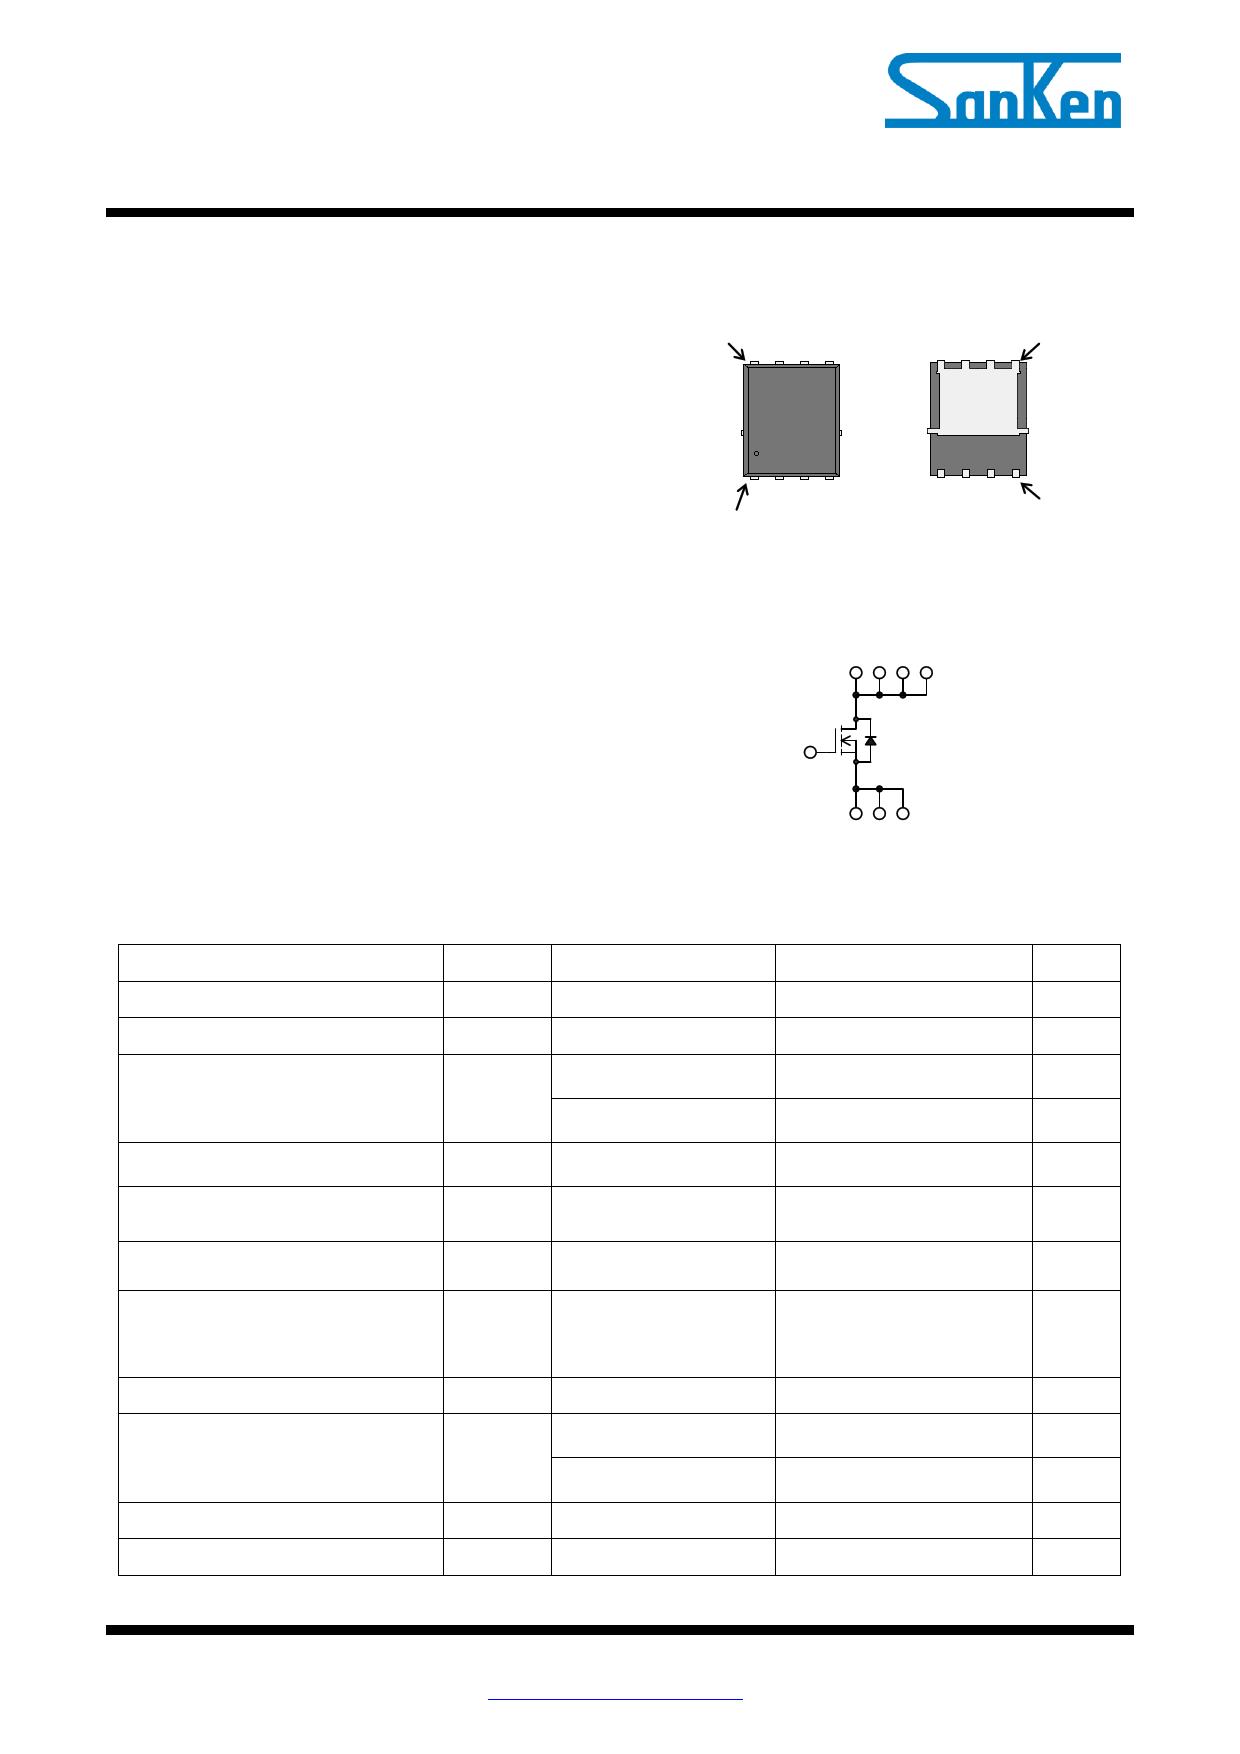 GKI06185 دیتاشیت PDF